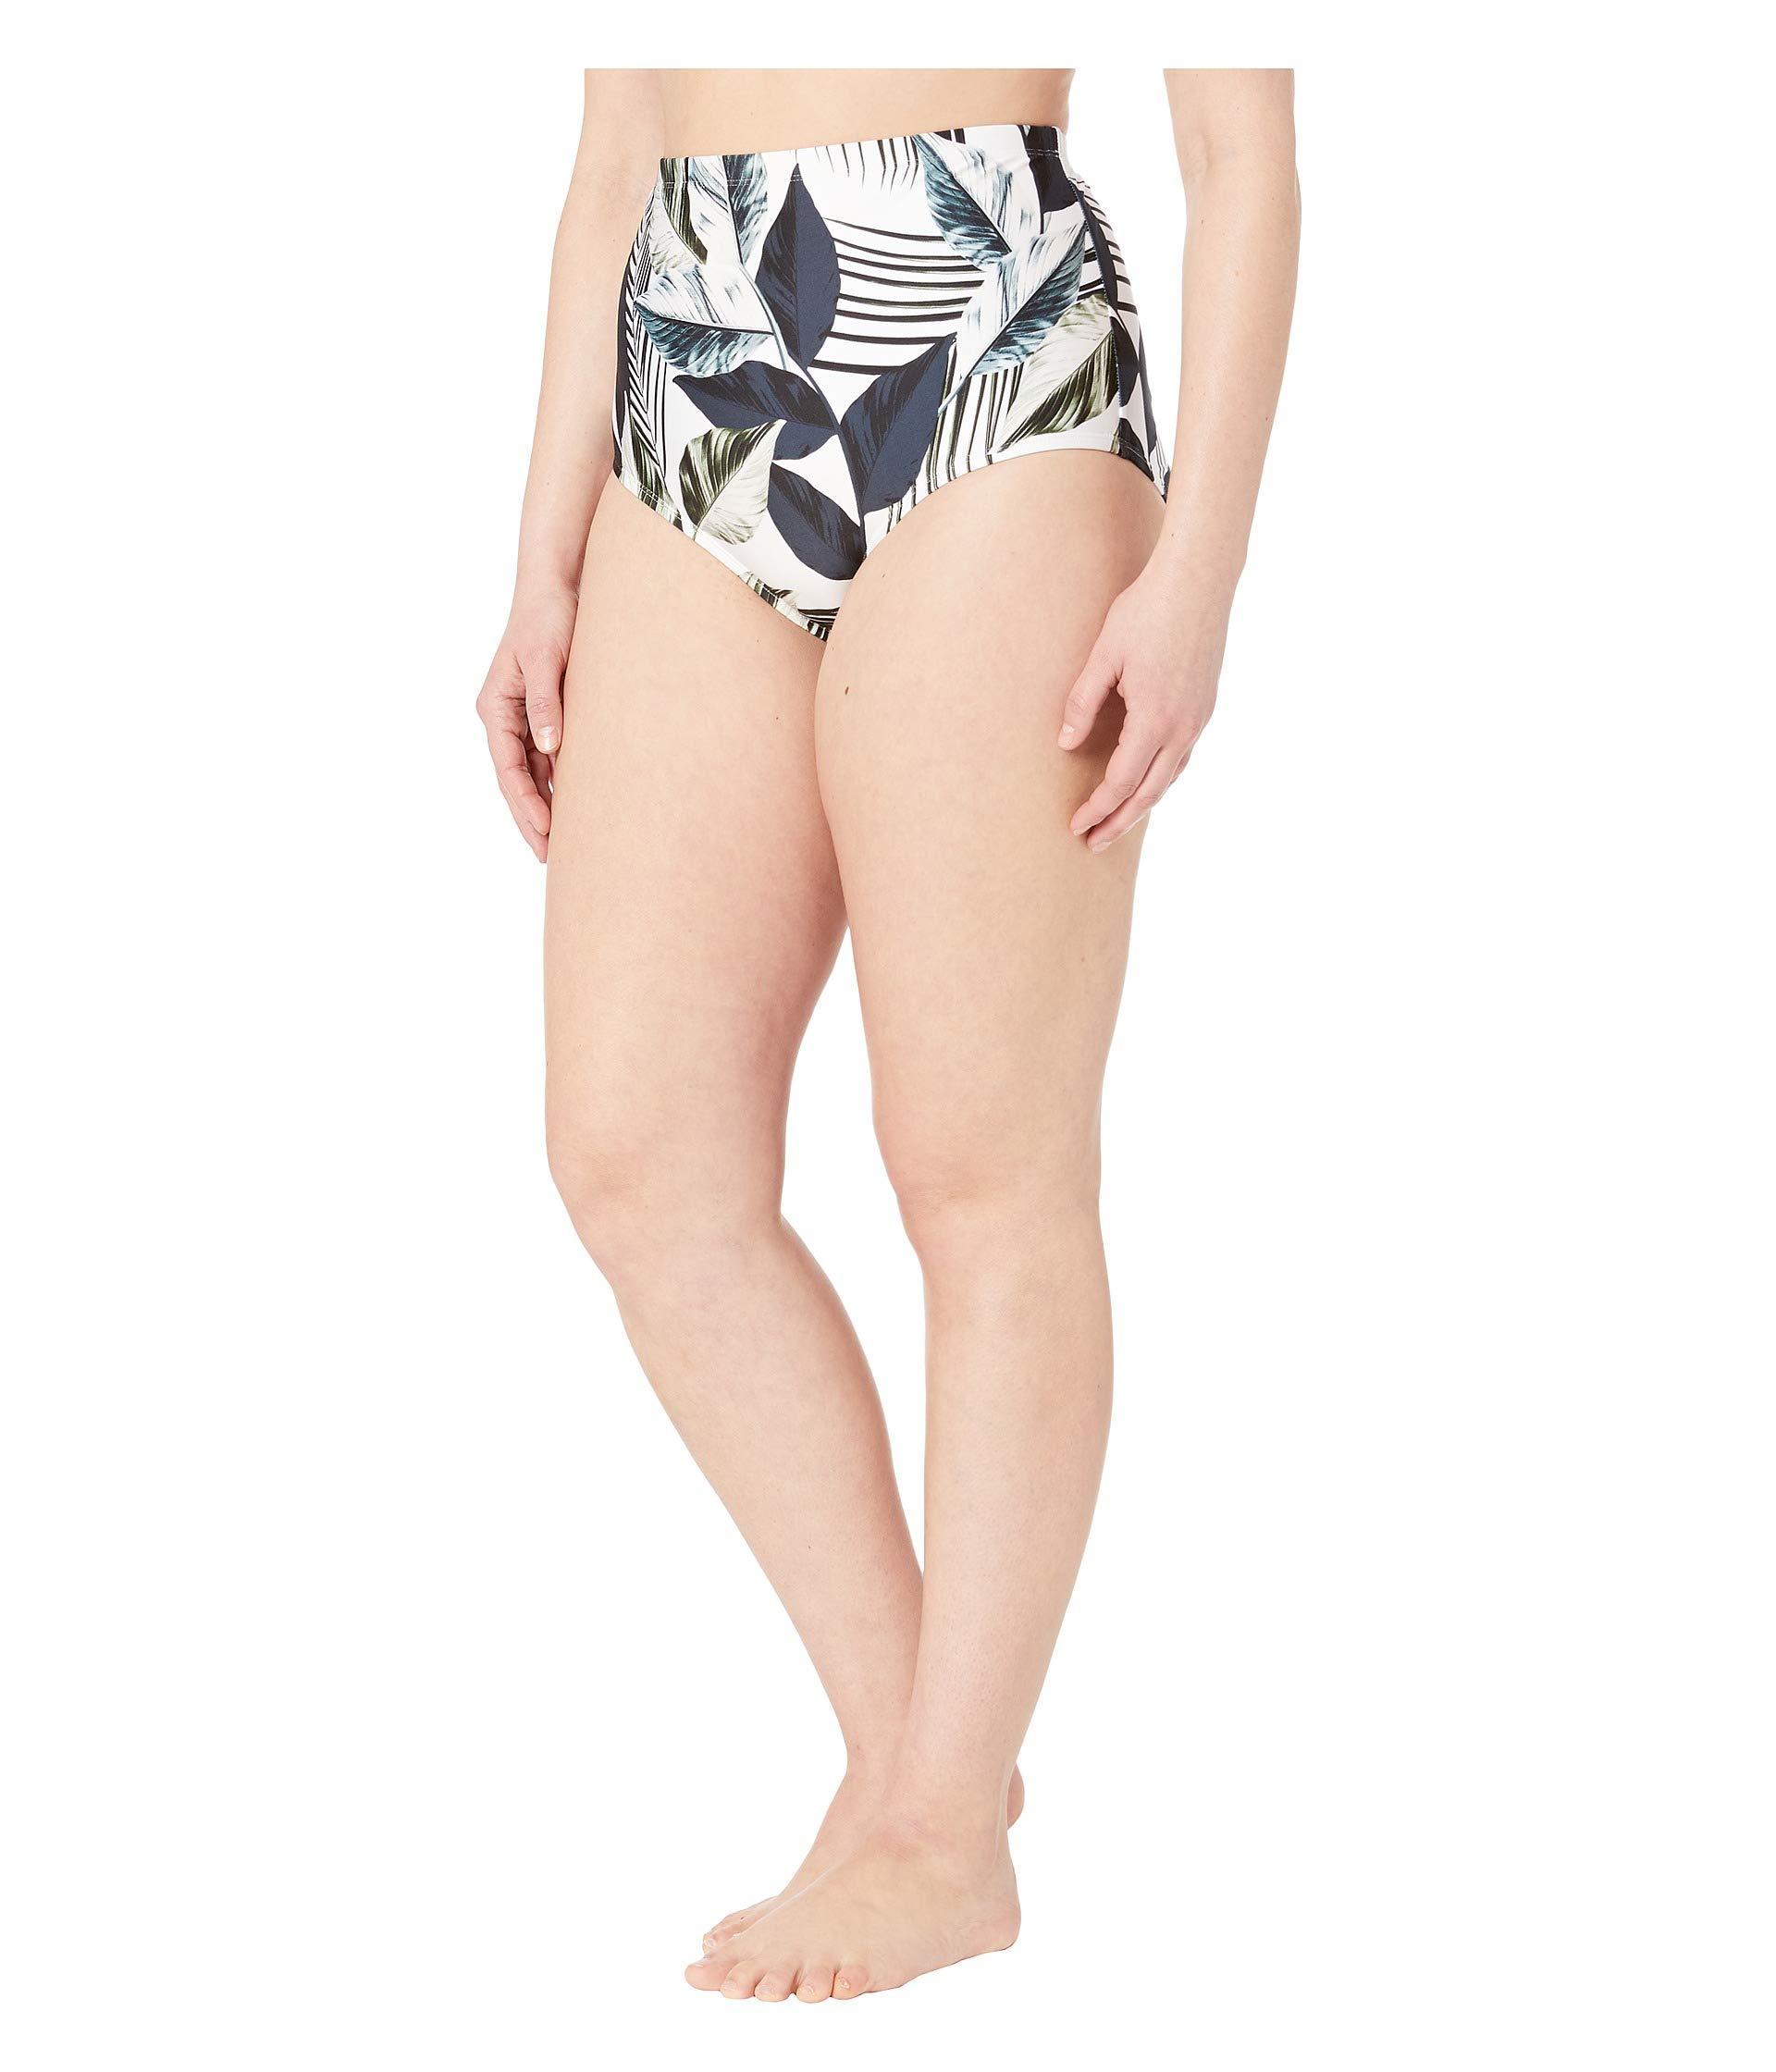 541bff87d1 Lyst - La Blanca Plus Size Moment Of Zen High-rise Bottoms (blue) Women s  Swimwear in Blue